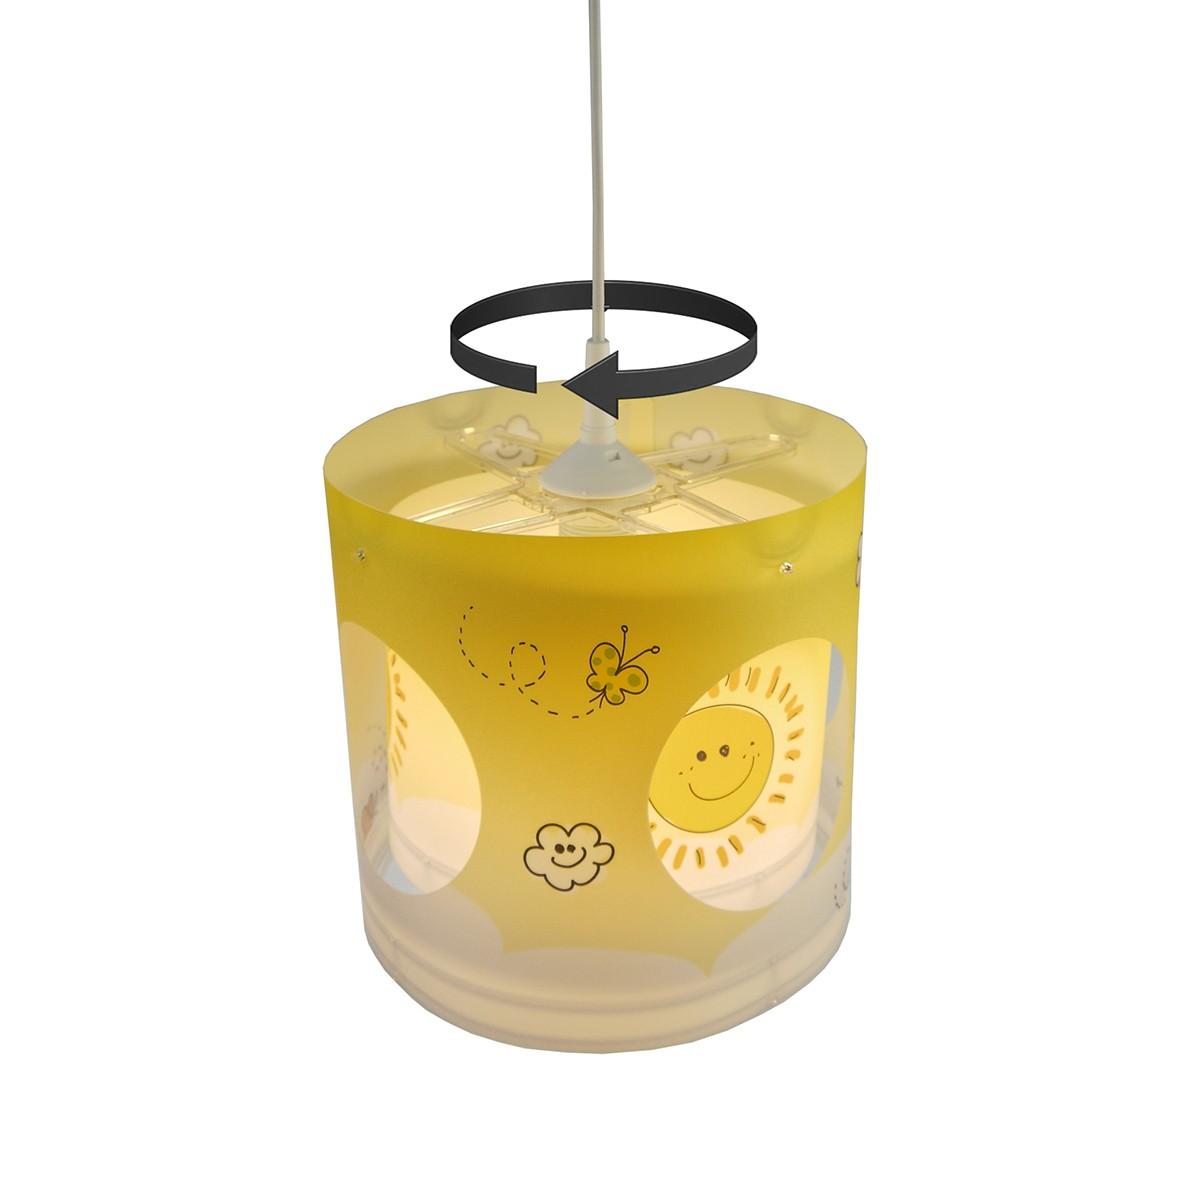 Niermann Standby Sunny Pendelleuchte mit Solarantrieb, mit Solarantrieb für inneren Lampenschirm